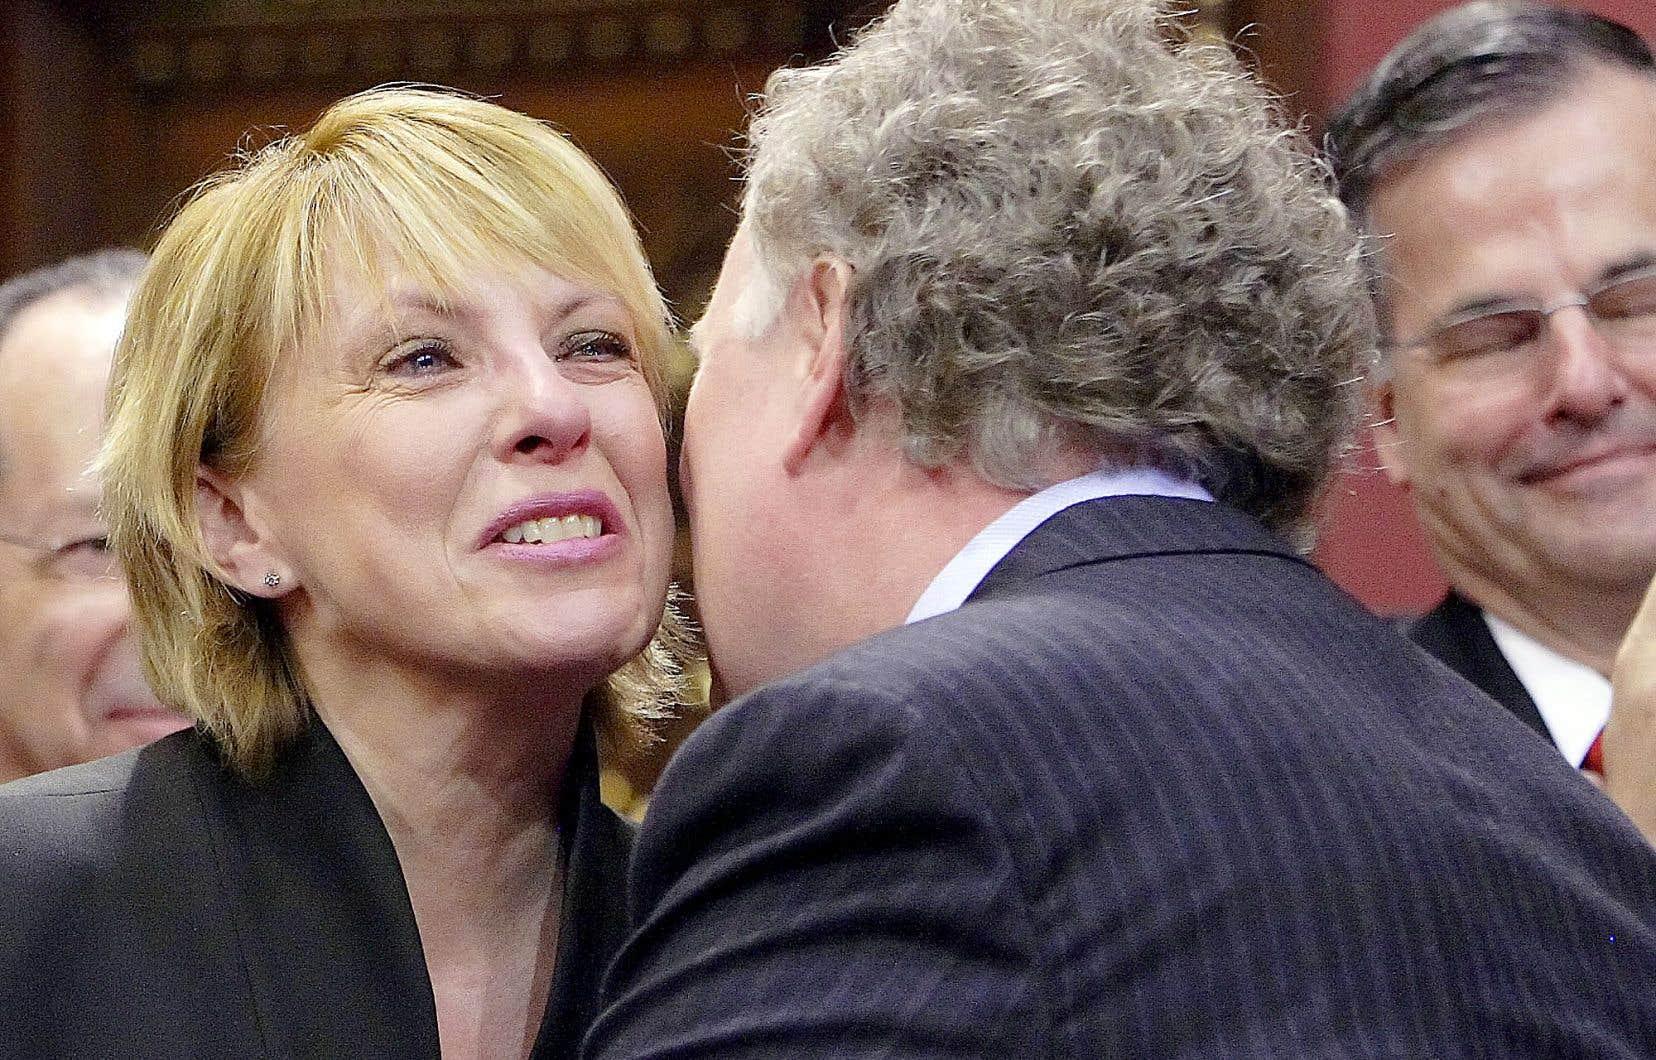 Le premier ministre Jean Charest donne l'accolade à sa député de l'Acadie, Christine St-Pierre, lors de la cérémonie d'assermentation, le 5 avril 2007, à Québec.